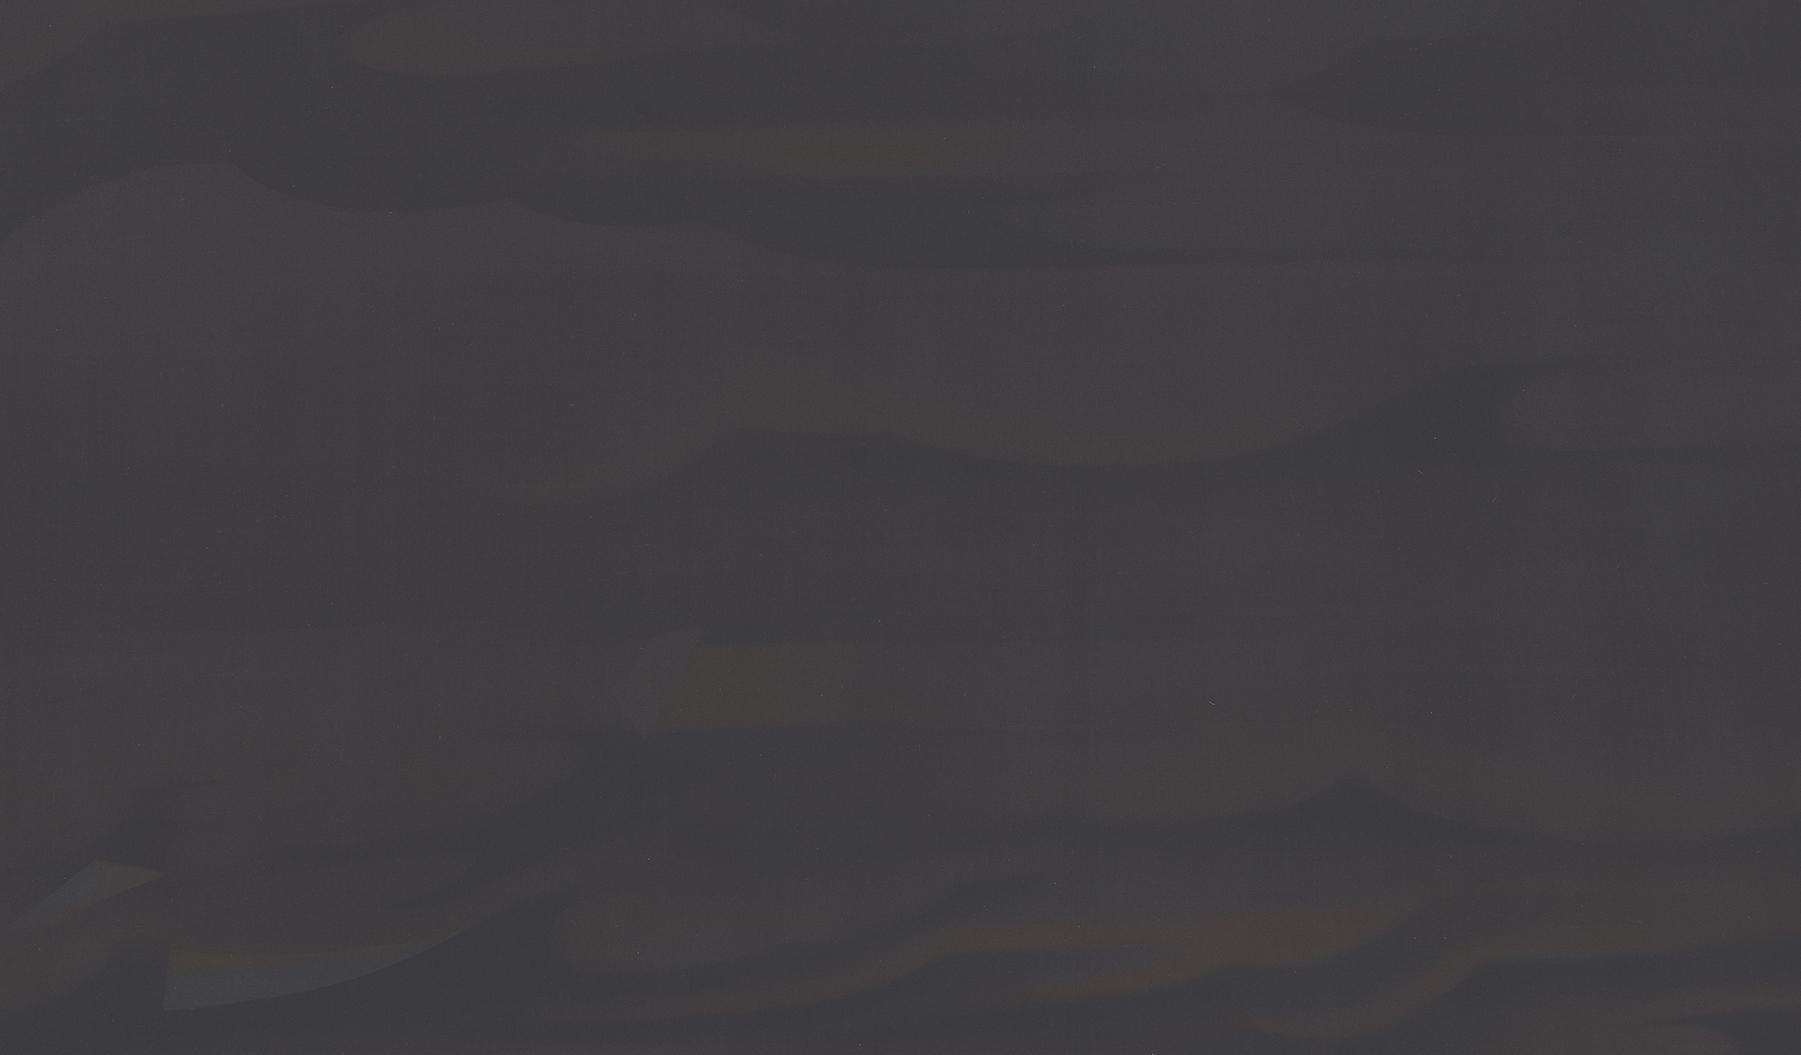 05-1.套數·秋思--牛羊野 ,Tao Shu - Autumn Thoughts I,絹本重彩, Ink and color on silk,216.6x152.6cm,2019-1